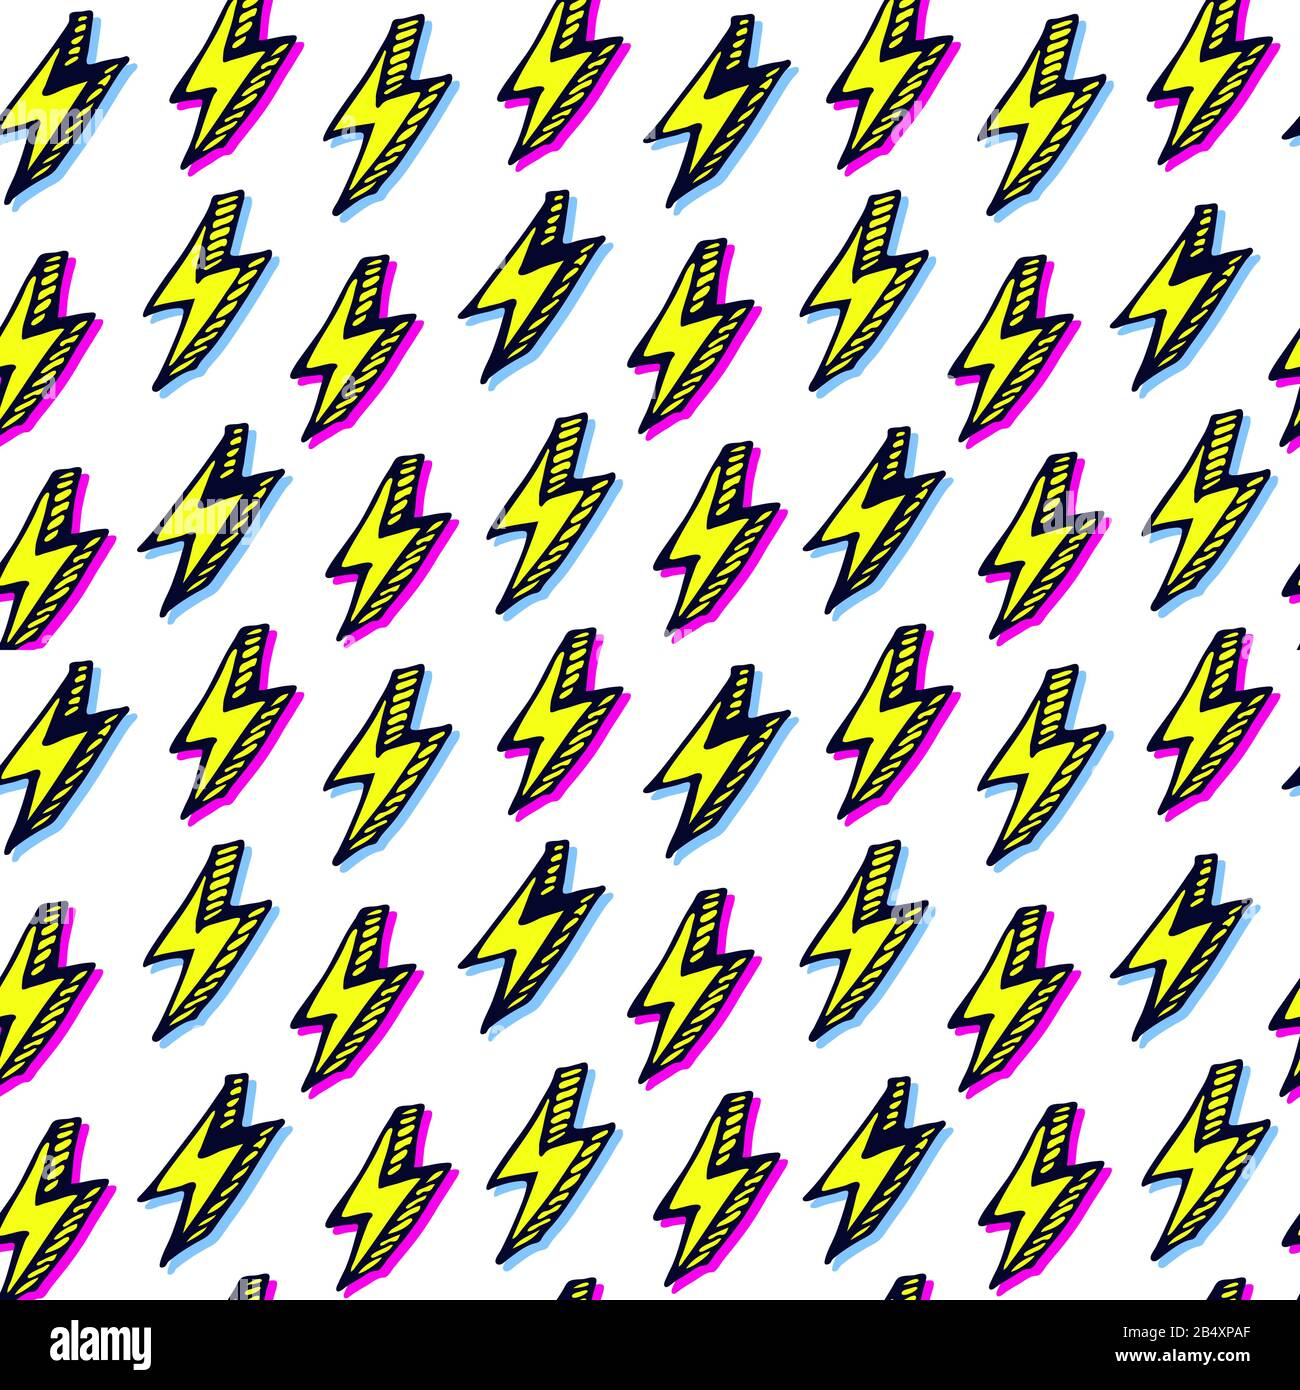 Electric clipart lightning bolt, Electric lightning bolt Transparent FREE  for download on WebStockReview 2020